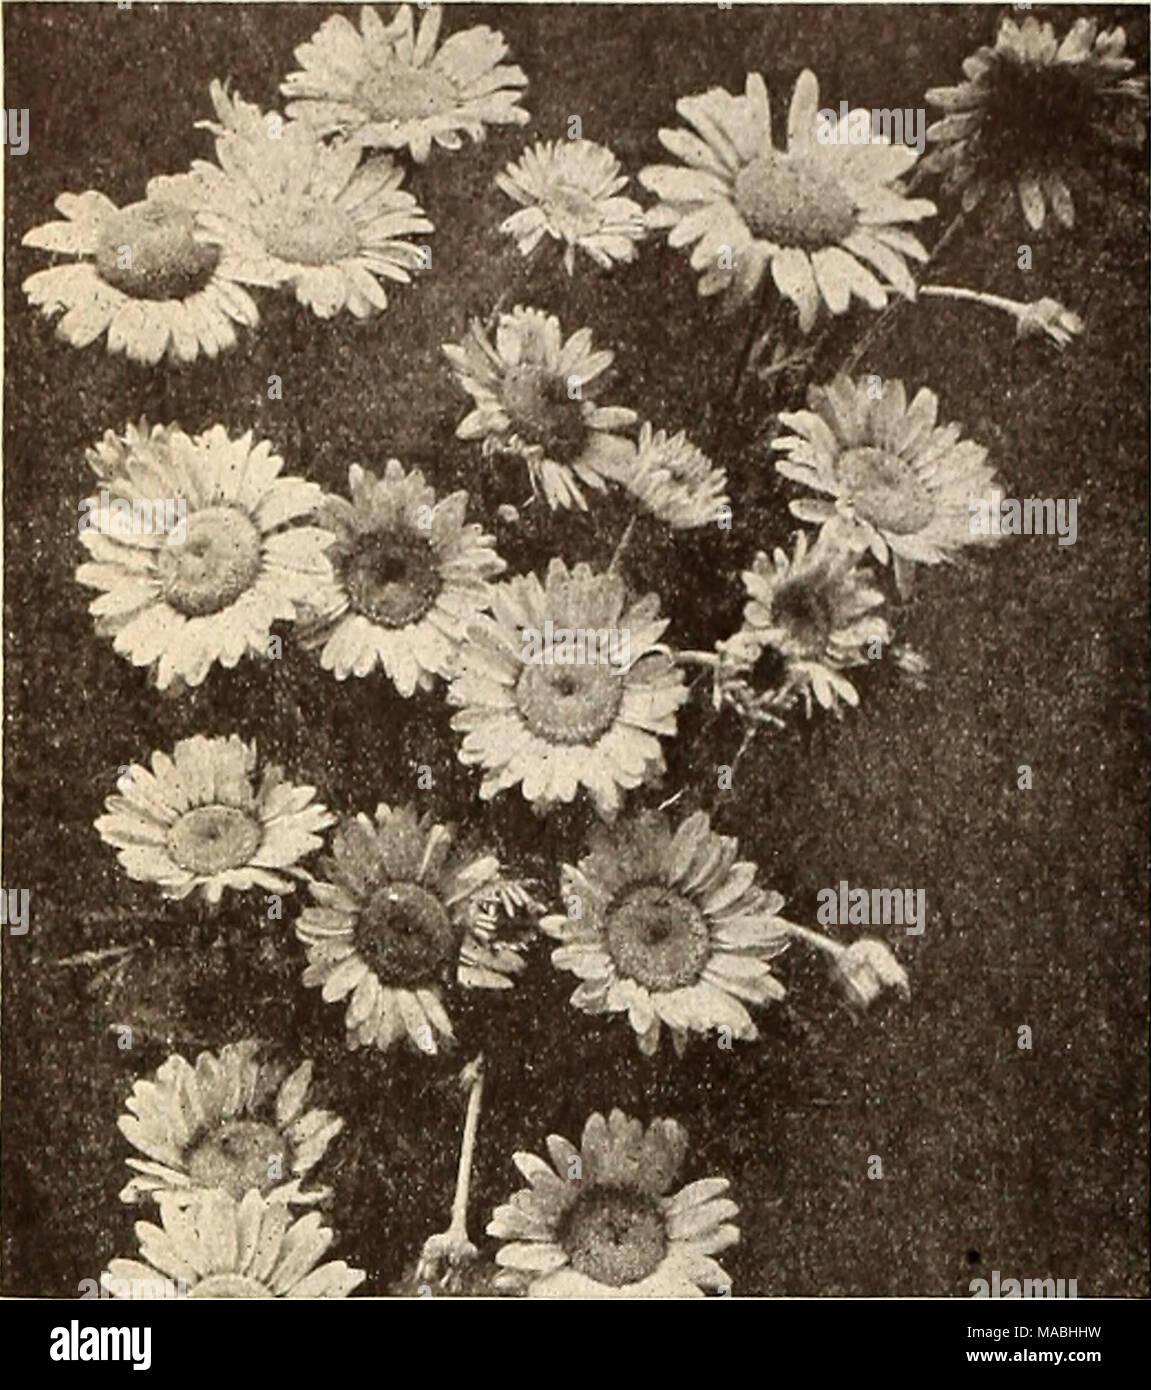 anthemis tinctoria alba photos & anthemis tinctoria alba images - alamy